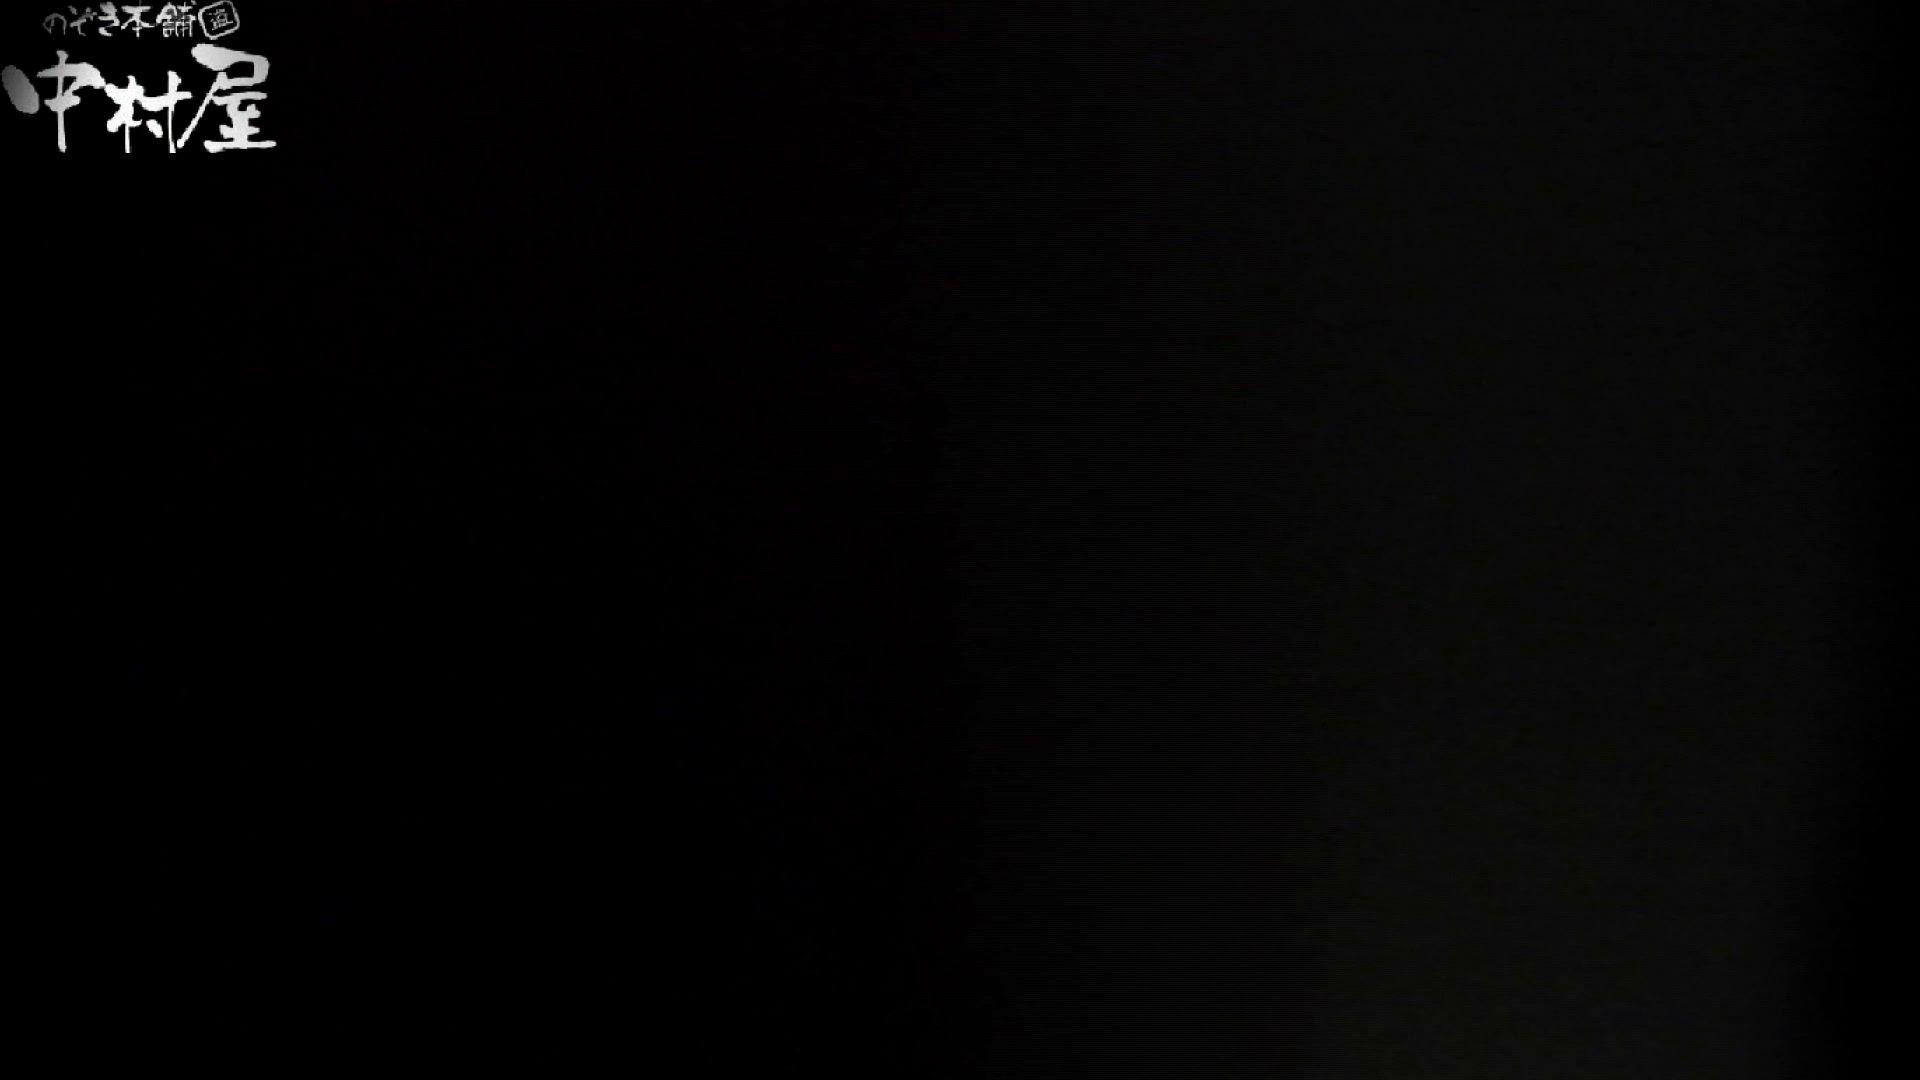 世界の射窓から vol.45 尻出しスマホ 前編 洗面所編 | 0  102PIX 83